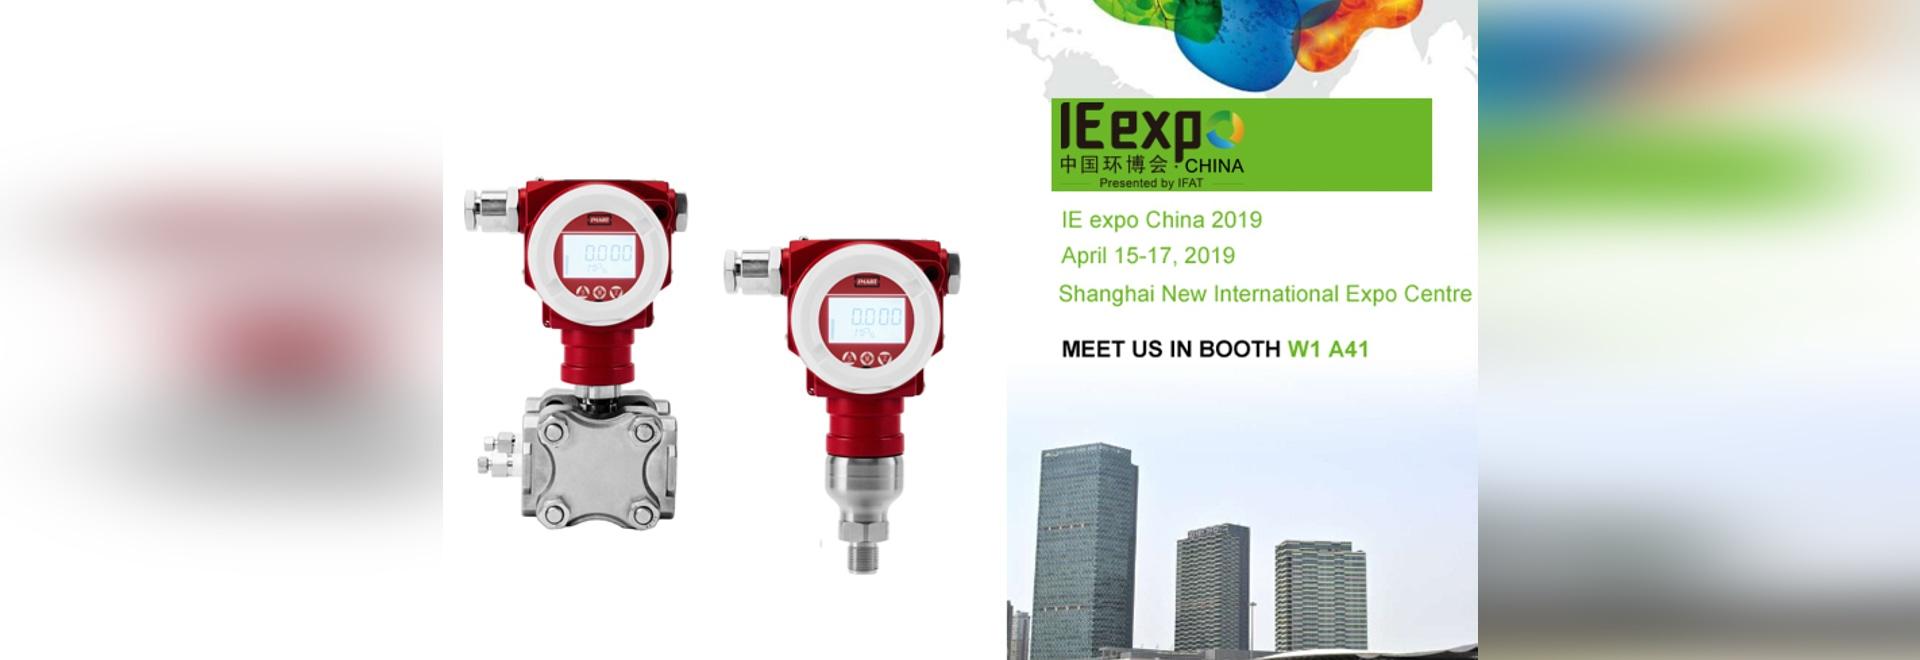 LEEG participará en IE Expo 2019